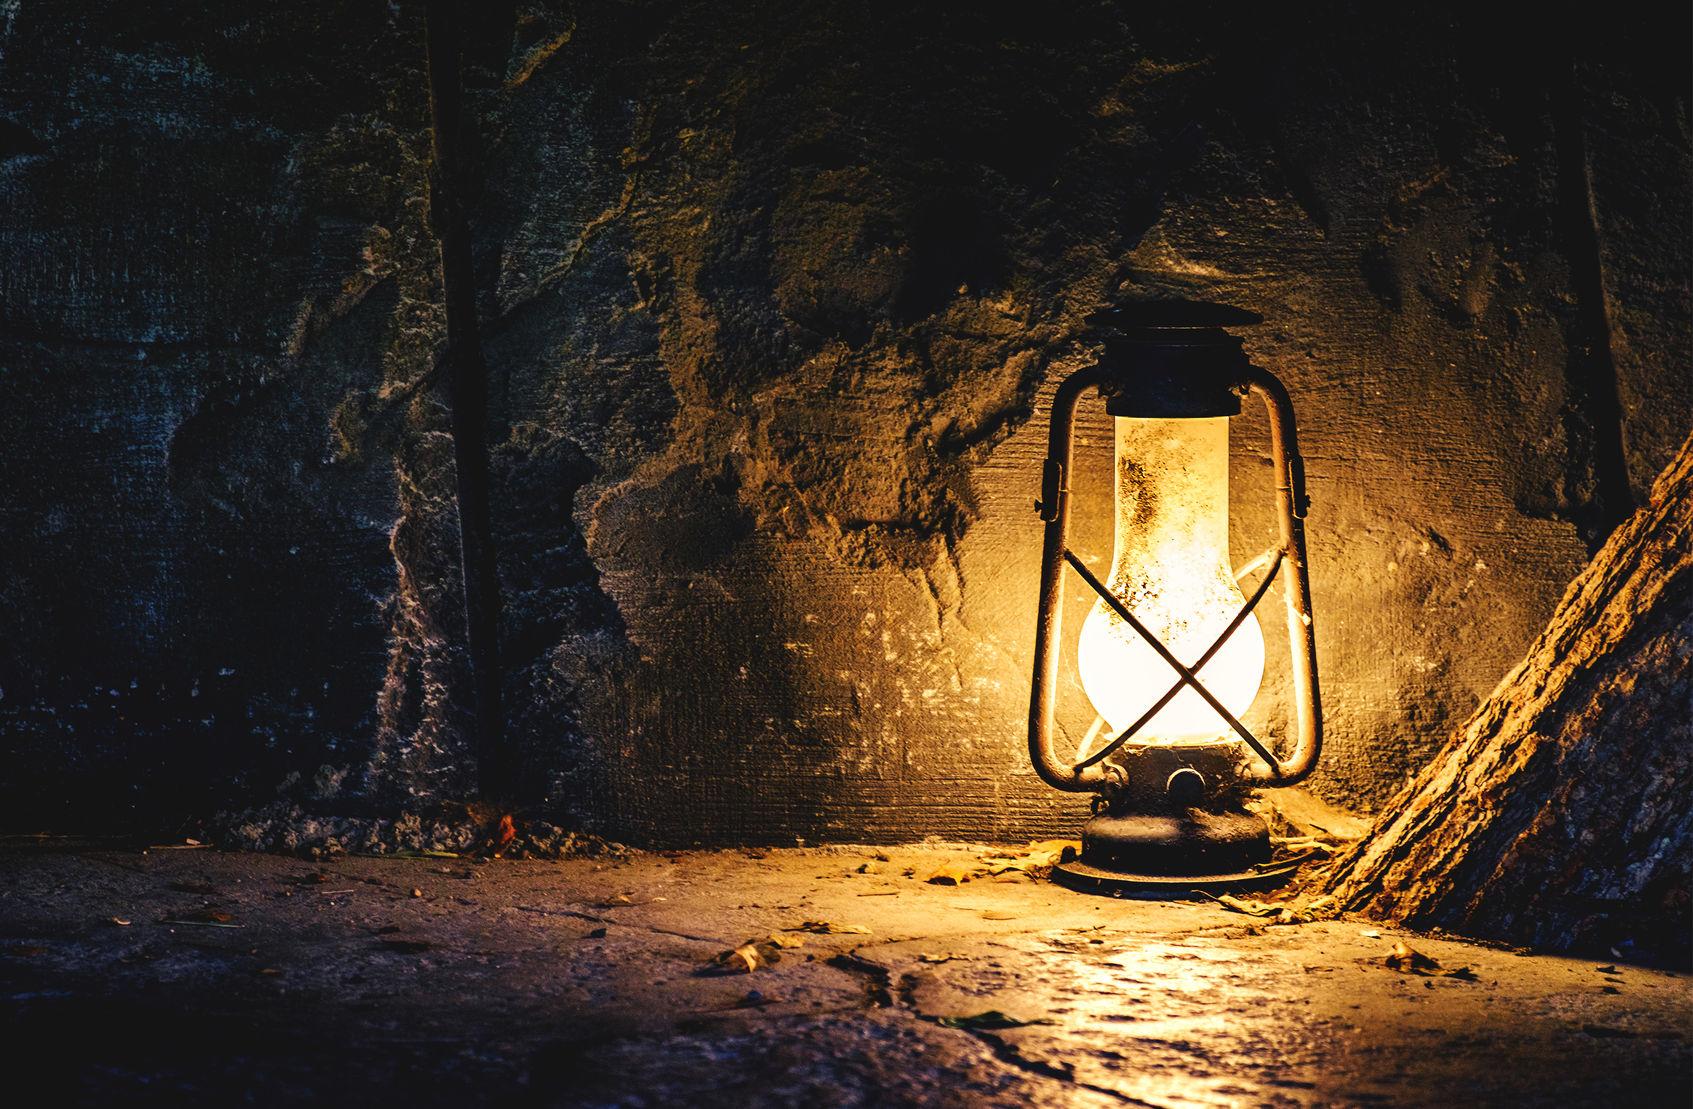 515 Light A Lamp (Video)